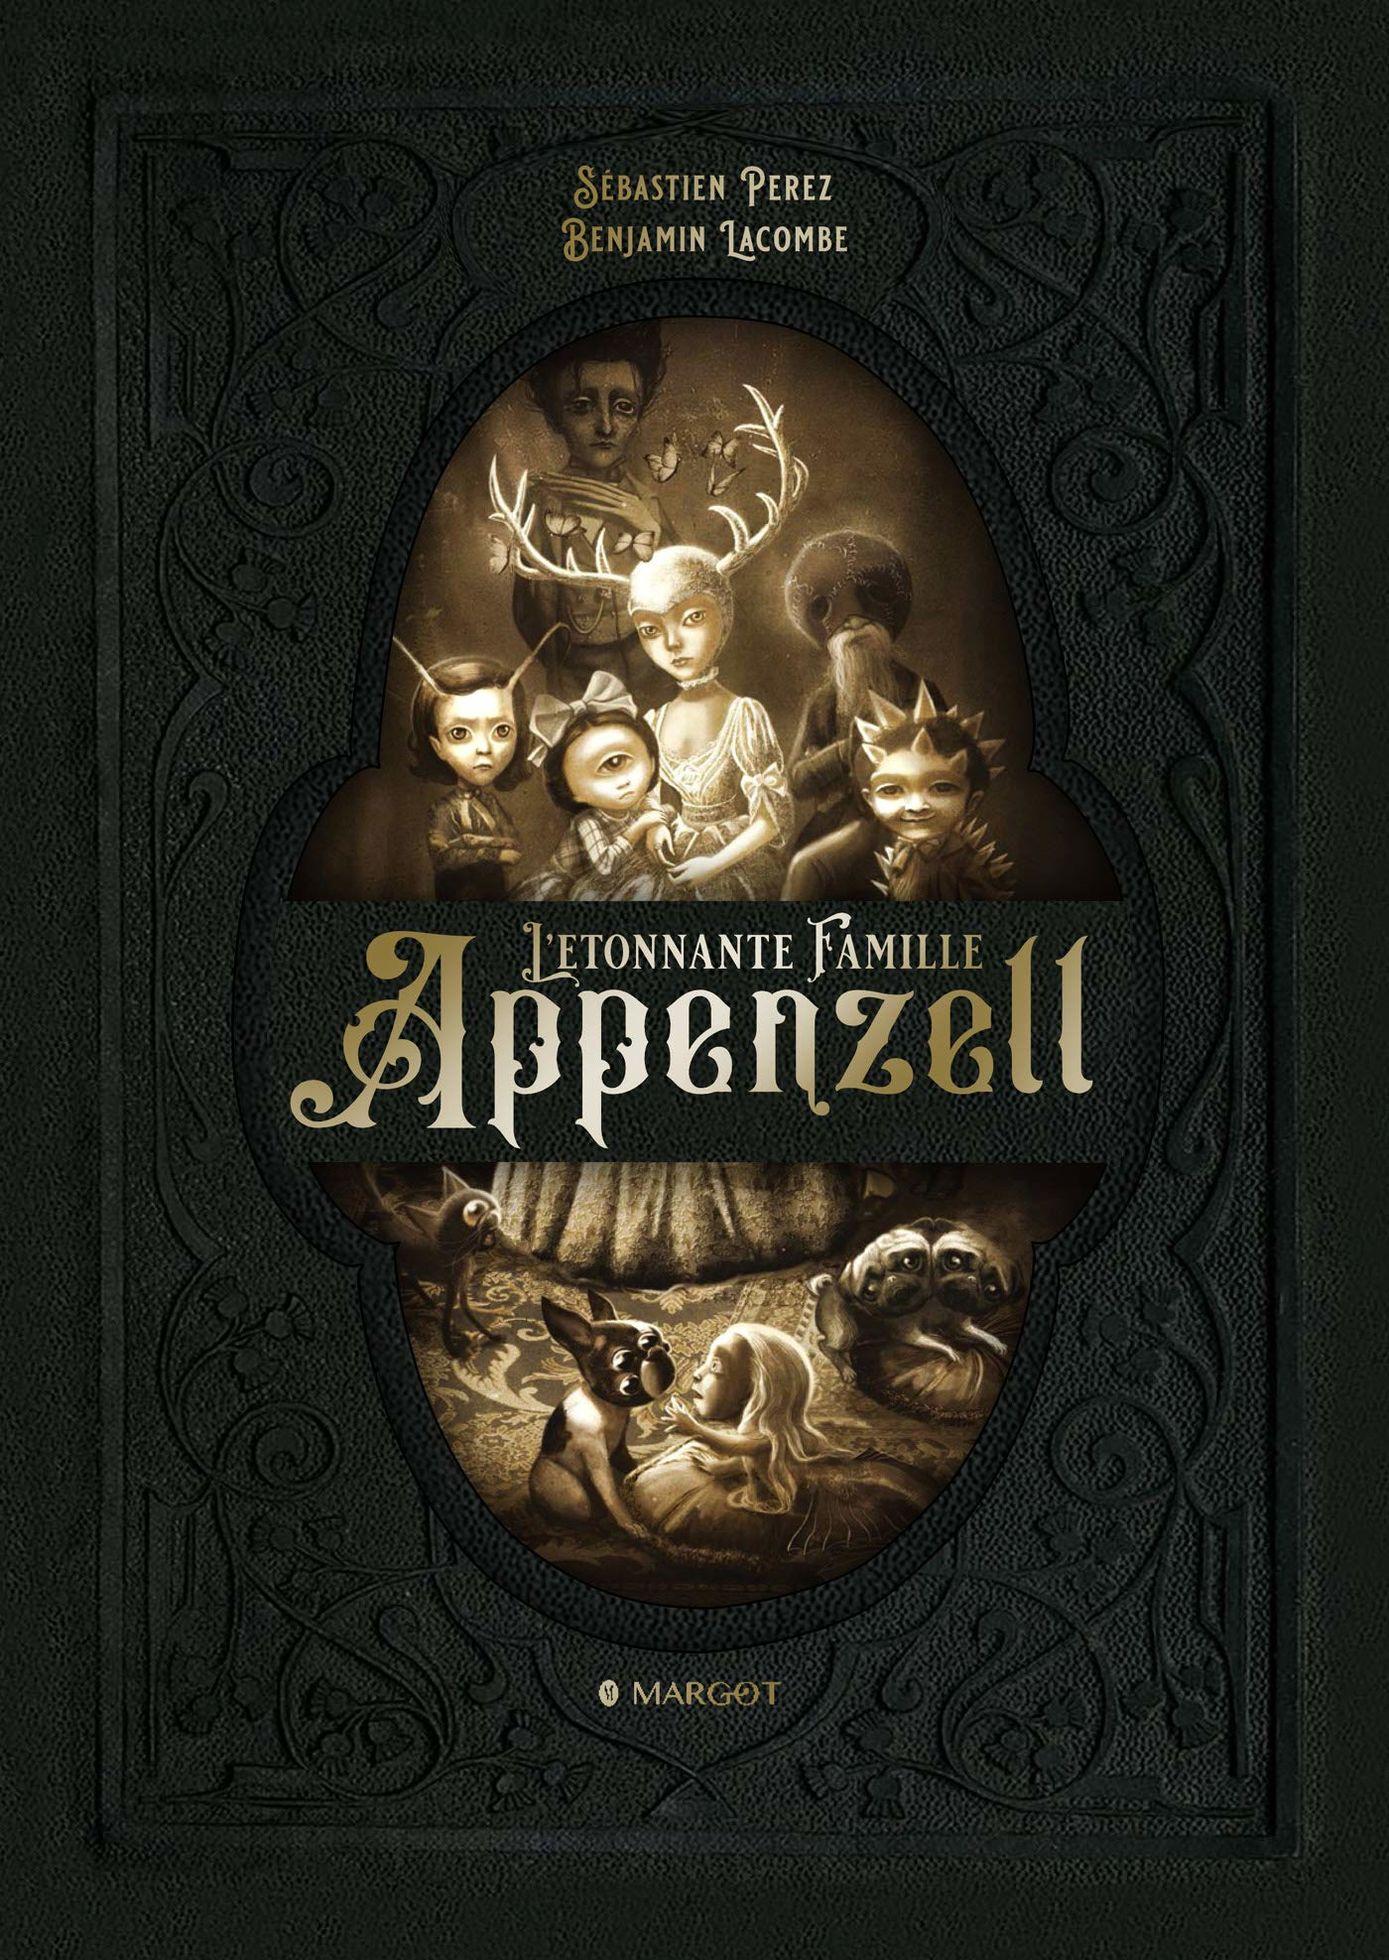 L'Etonnante famille Appenzell - les secrets d'écriture de Sébastien Perez